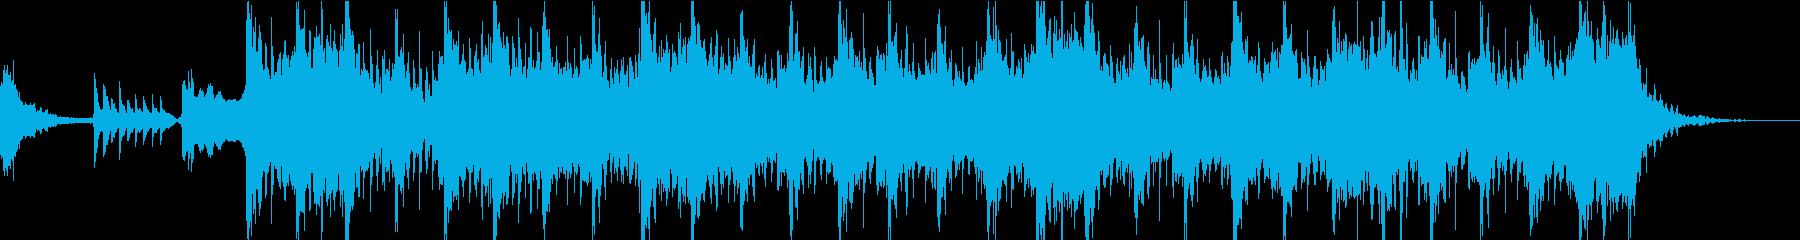 尺八と和太鼓のお祭りジングルの再生済みの波形